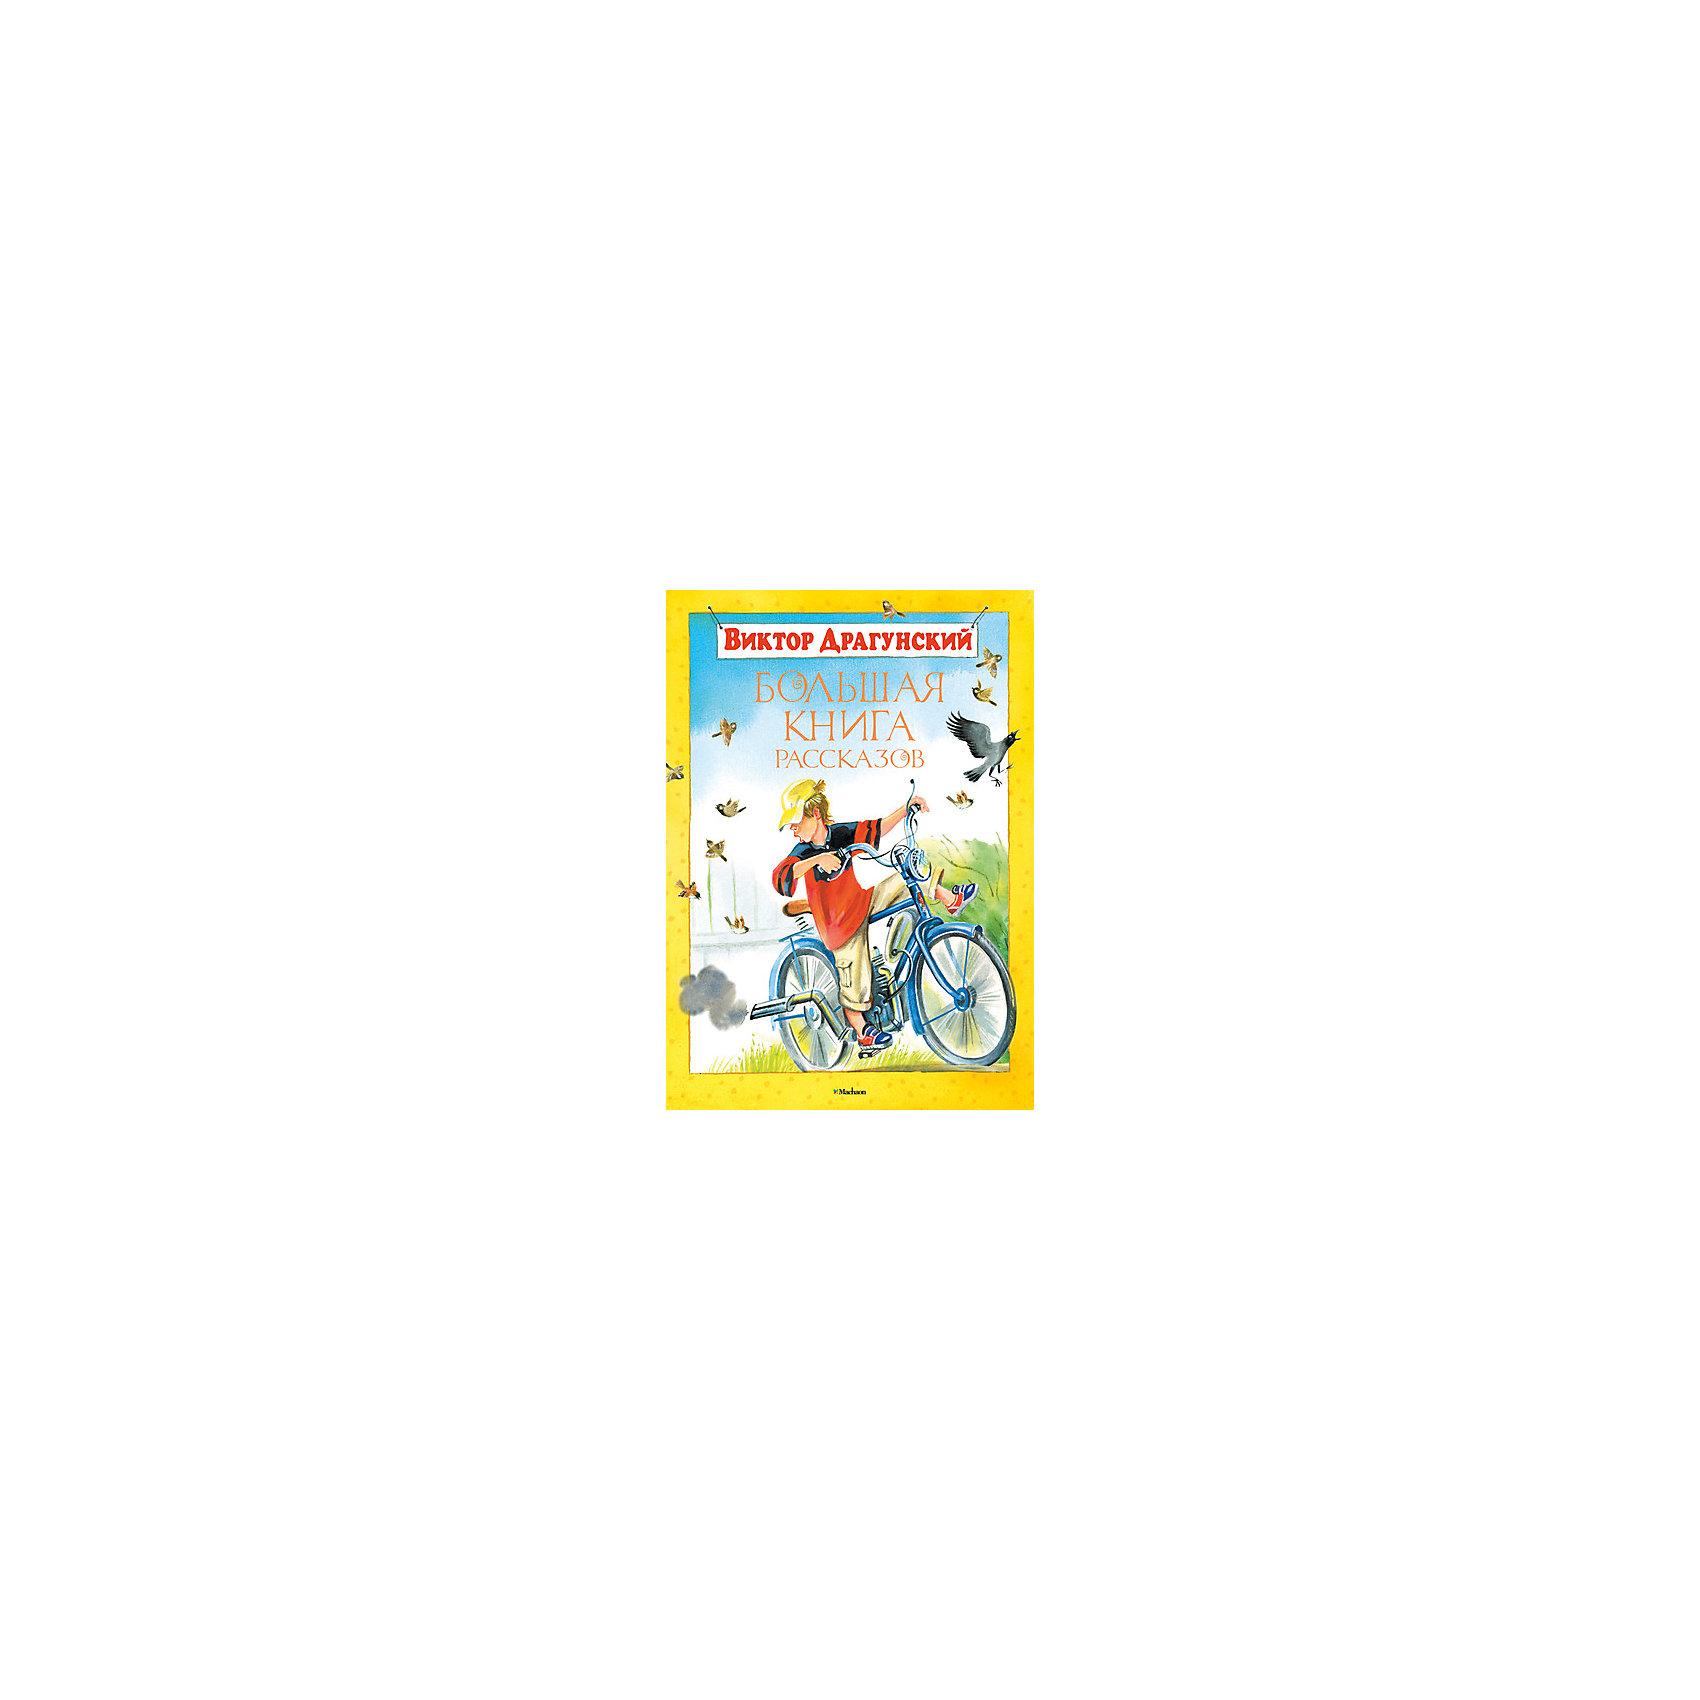 Большая книга рассказов, В.Ю. ДрагунскийБольшая книга рассказов. Драгунский, Азбука-Аттикус<br>Известный писатель Виктор Юзефович Драгунский занимает достойное место в мировой детской литературе. Его весёлые, добрые, а порой и грустные истории про мальчишек и девчонок дети читают с удовольствием: ведь так интересно узнать, что происходит в жизни сверстников. В книгу вошли самые знаменитые произведения Виктора Драгунского из цикла Денискины рассказы, герой которых - озорник Дениска Кораблёв - вечно попадает в невероятные и поучительные истории.<br><br>Юные читатели непременно полюбят этого обаятельного сорванца!<br><br>Дополнительная информация:<br><br>Серия: Большая книга   Автор: Драгунский В.<br>Формат: 210х285 мм .<br>Переплет: переплет.<br>Объем: 240 стр.<br>Подарит Вашему малышу незабываемую радость чтения и погружения в волшебный и сказочный мир!<br>Эту книгу Вы с легкостью можете заказать в нашем интернет-магазине!<br><br>Ширина мм: 285<br>Глубина мм: 210<br>Высота мм: 25<br>Вес г: 882<br>Возраст от месяцев: 72<br>Возраст до месяцев: 132<br>Пол: Унисекс<br>Возраст: Детский<br>SKU: 3344290